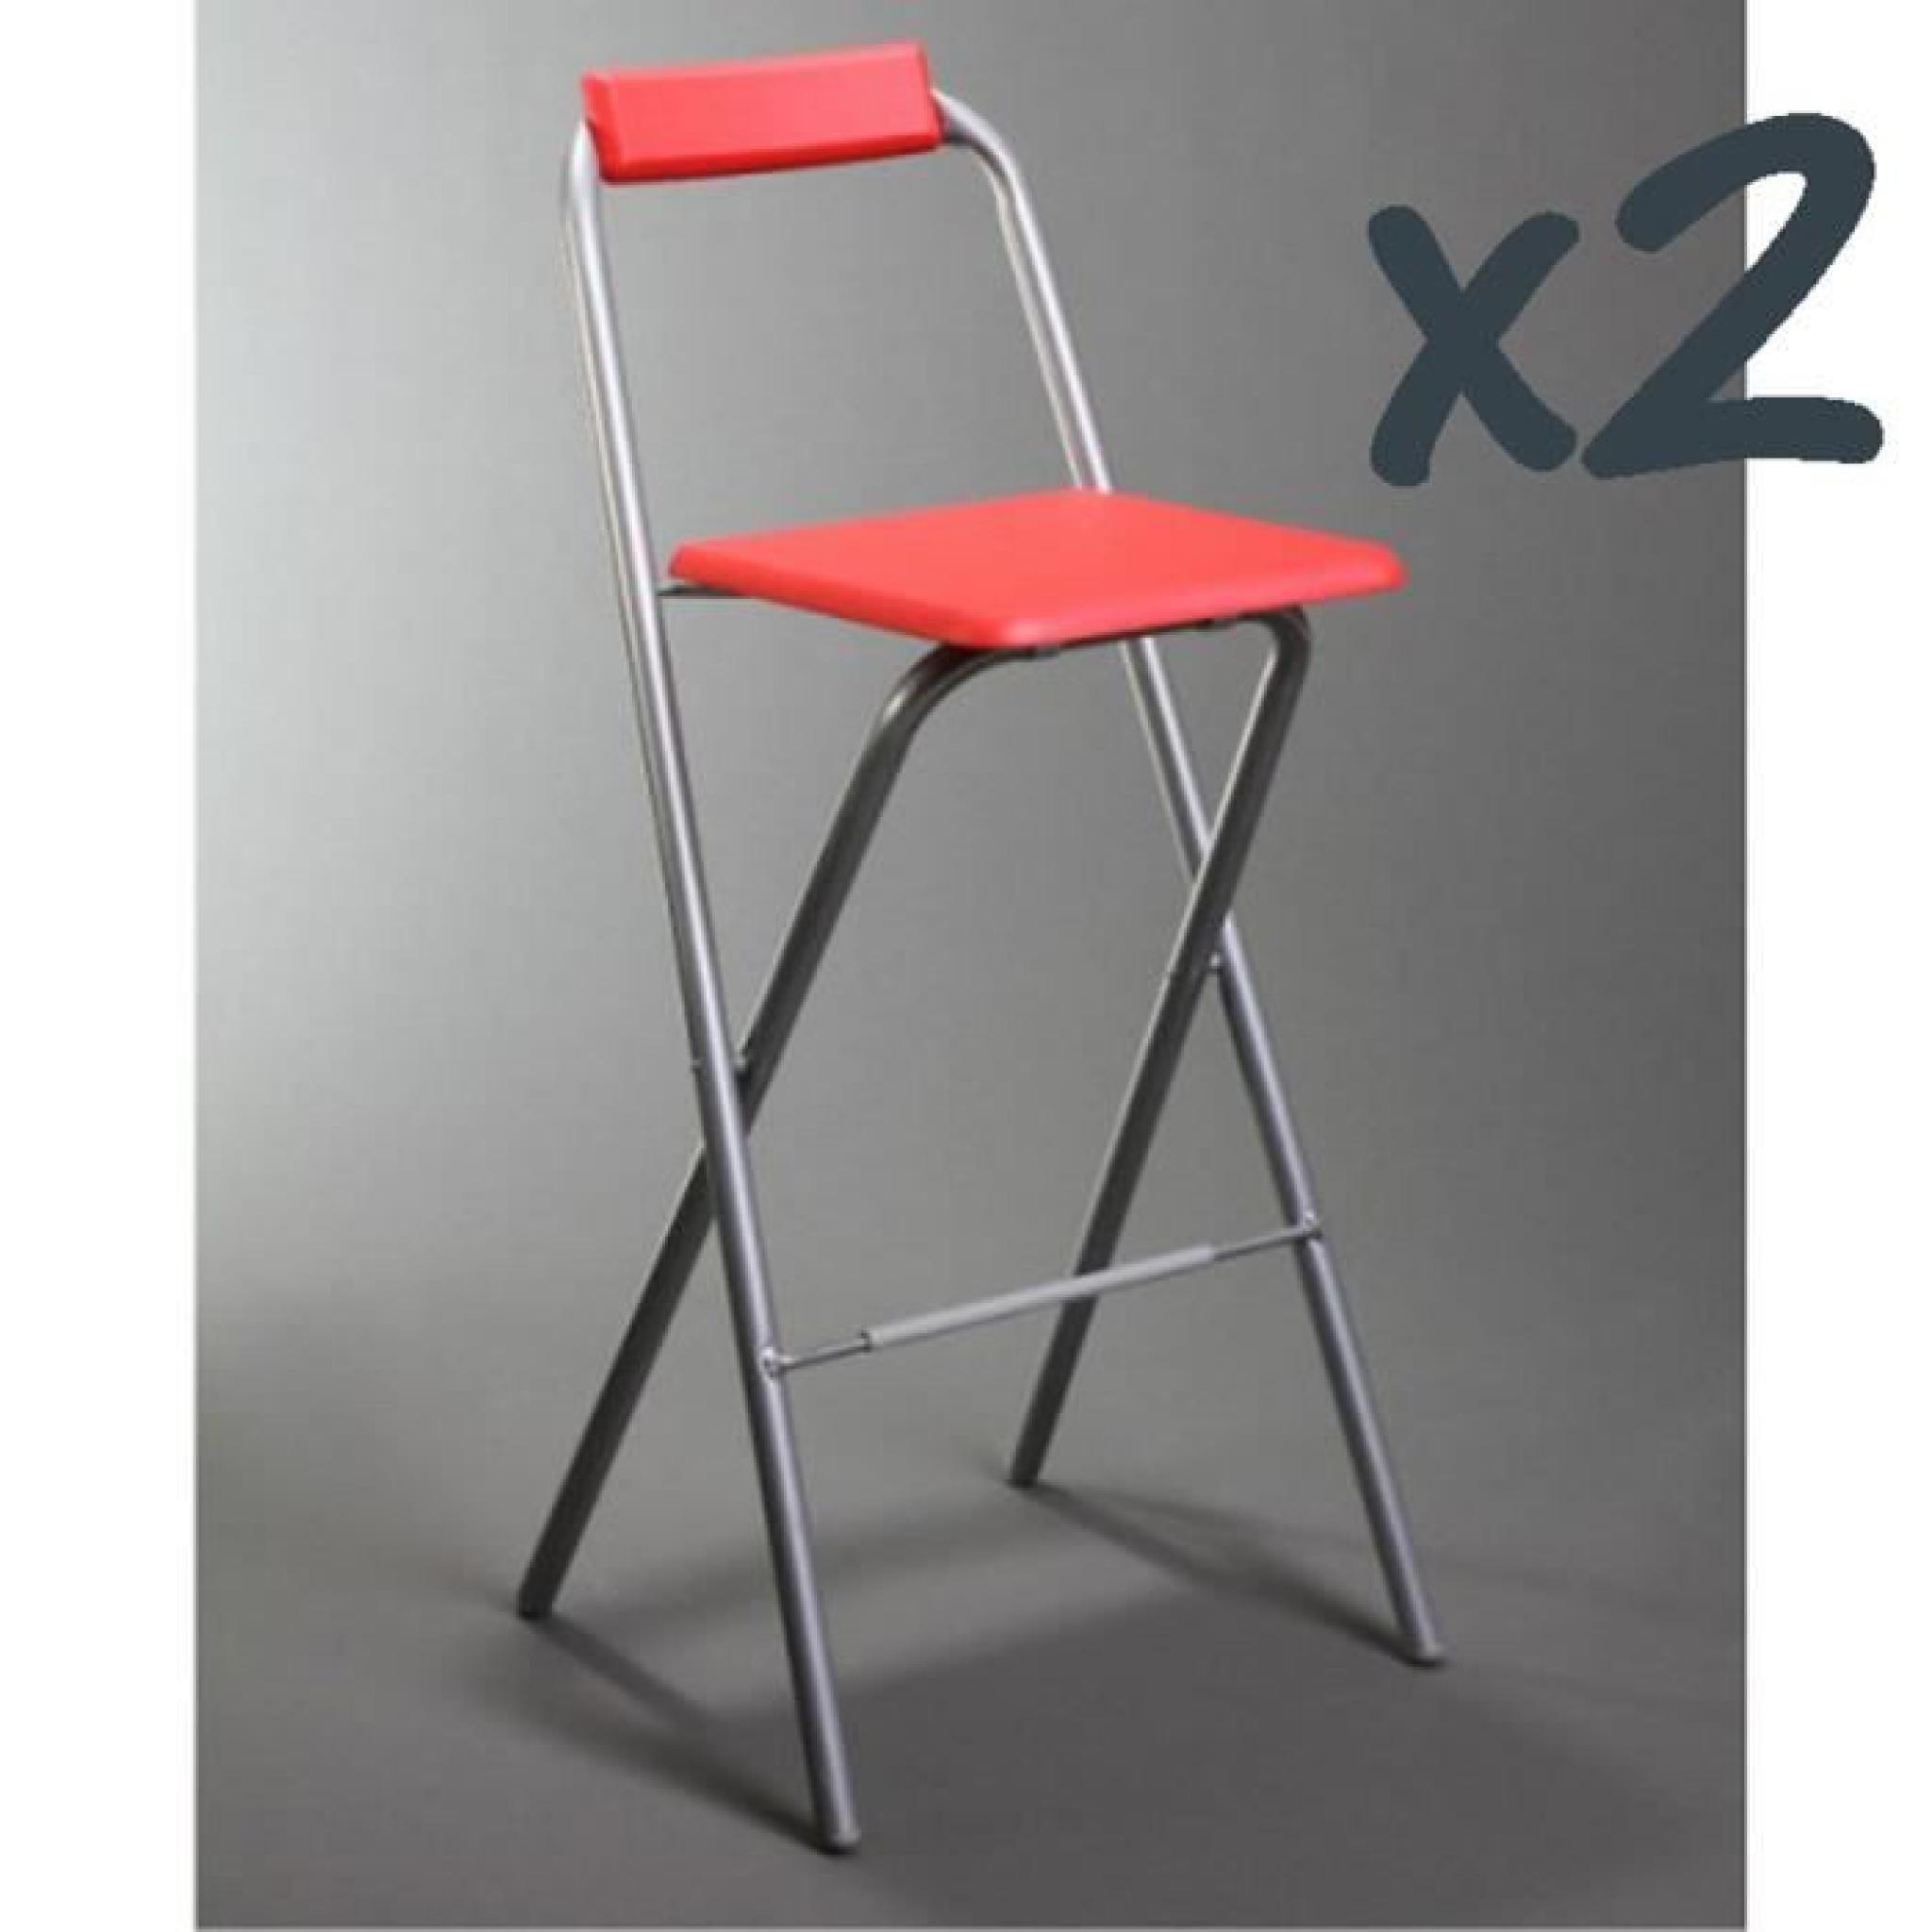 Lot de 2 chaises de bar louna rouge structure en m tal - Chaises de bar rouge ...